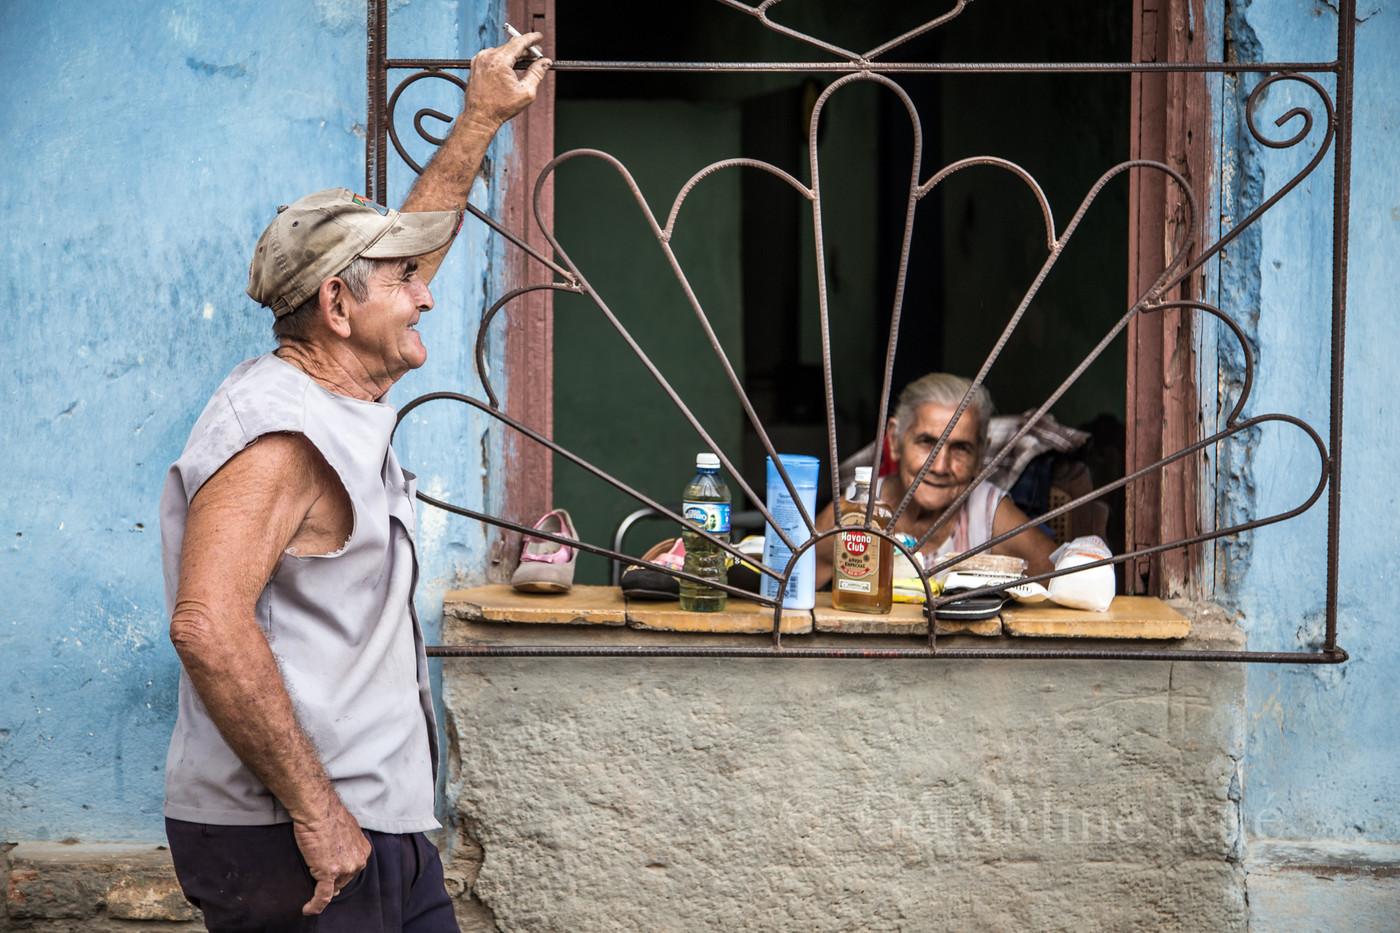 Cuba0659© Géraldine Rué.jpg